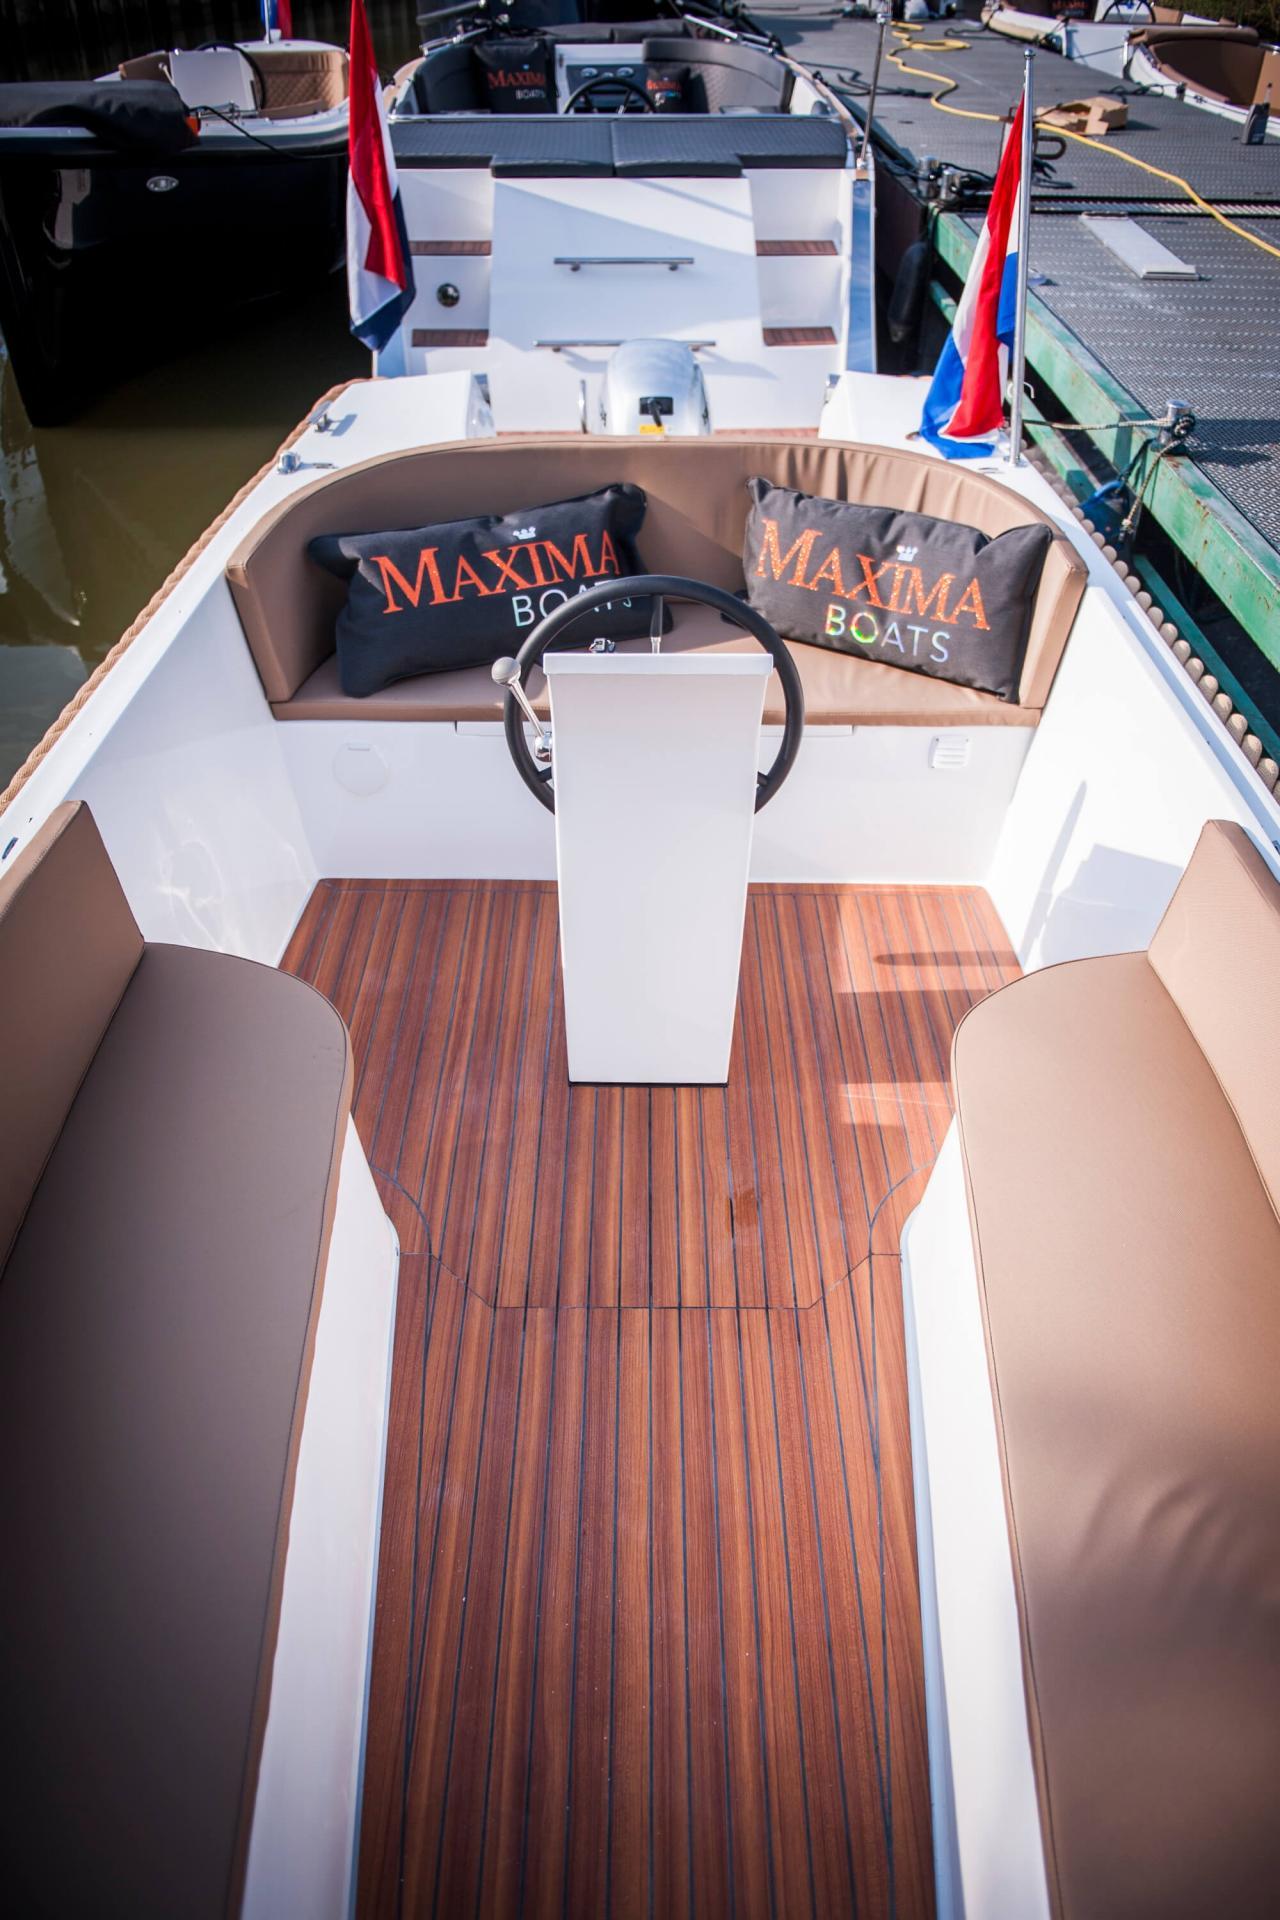 Maxima 550 26